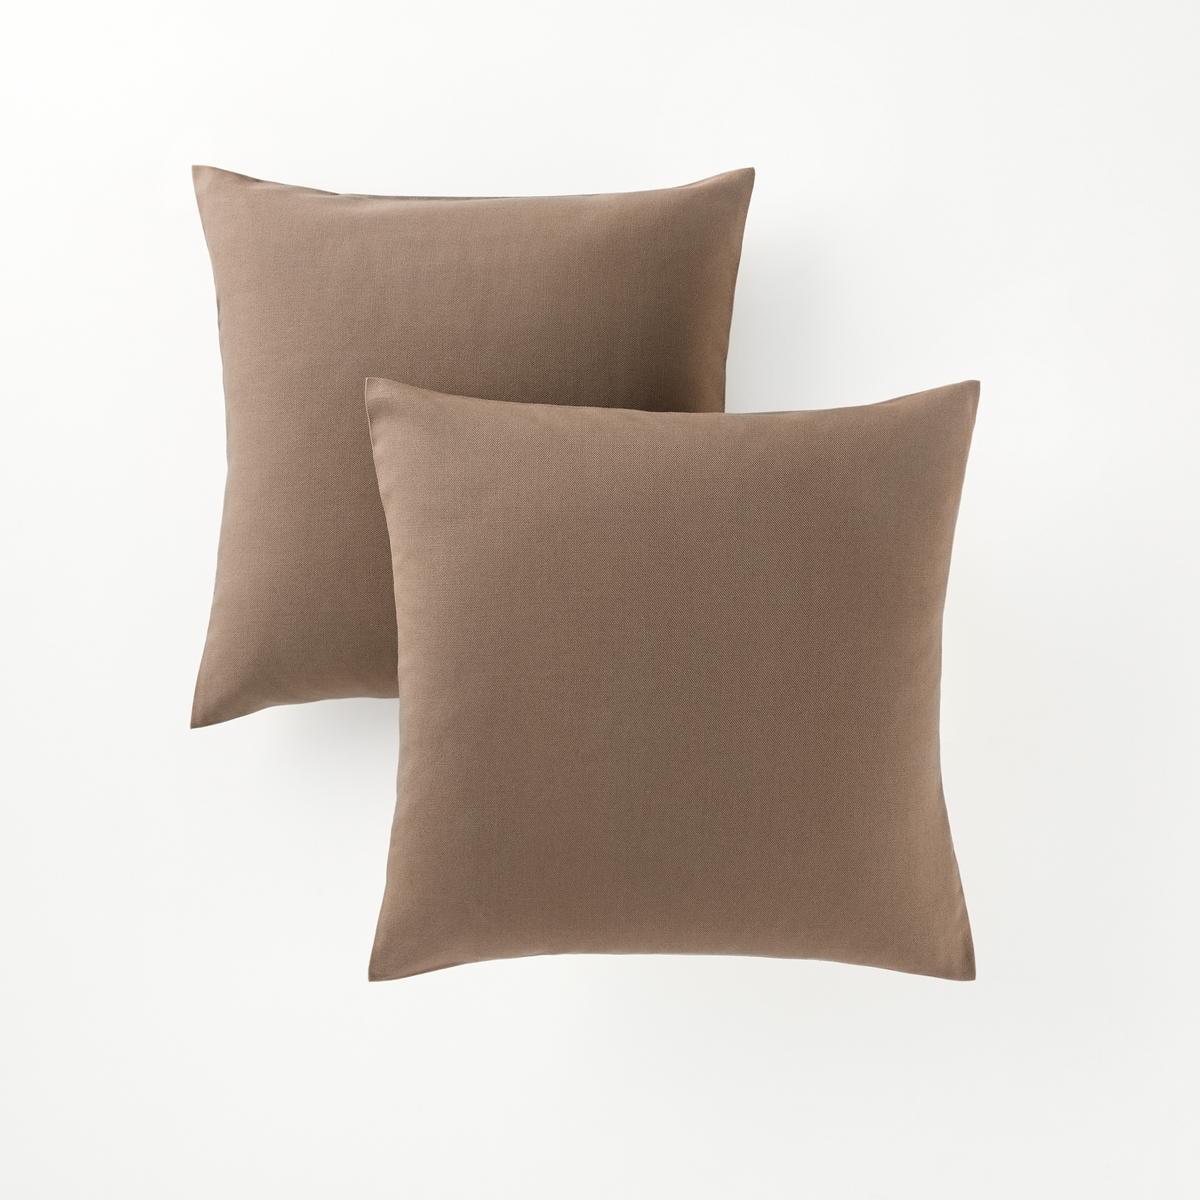 2 квадратных или прямоугольных чехла на подушки2 квадратных или прямоугольных чехла на подушки : декоративная расцветка, можно сочетать по желанию !       Характеристики 2 или прямоугольных чехлов на подушки :- Чехлы на подушки из красивой и очень прочной ткани (220 г/м?), застежка на молнии.- Гарантия расцветки : превосходная стойкость от воздействия солнечных лучей и стирок (40 °С).В комплекте 2 чехла одного цвета.                             Качество VALEUR S?RE.Подушки продаются отдельно.                                            Сертификат Oeko-Tex® дает гарантию того, что товары изготовлены без применения химических средств и не представляют опасности для здоровья человека.<br><br>Цвет: антрацит,коралловый,малиновый,облачно-серый,рубиново-красный,серо-коричневый каштан,черный<br>Размер: 50 x 30 см.50 x 30 см.50 x 30 см